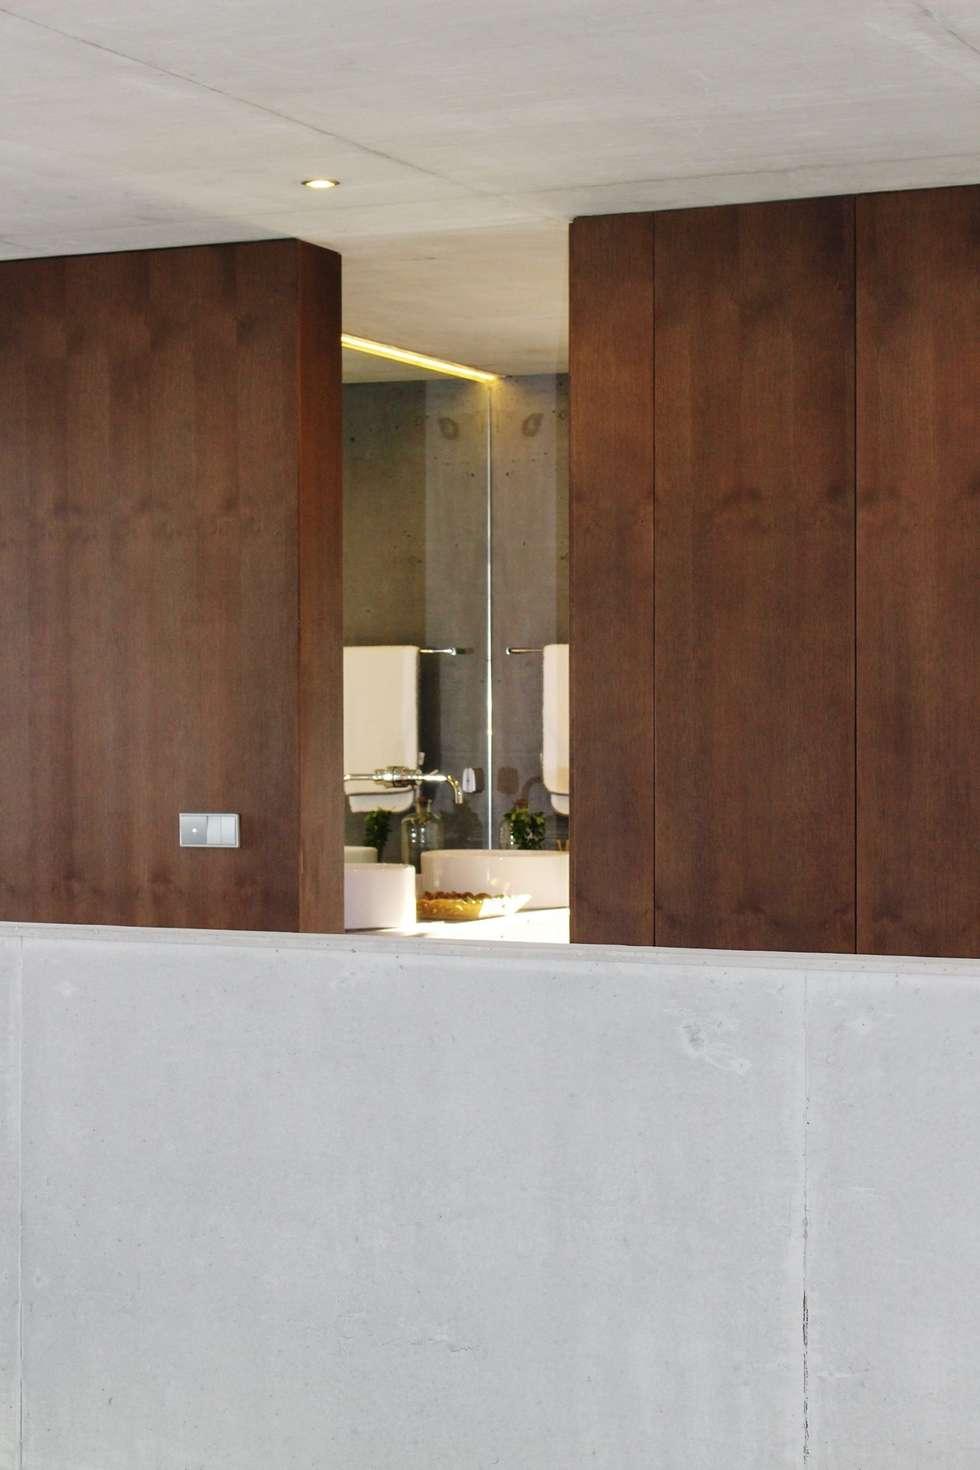 casa SS interiors: Casas de banho modernas por Artspazios, arquitectos e designers